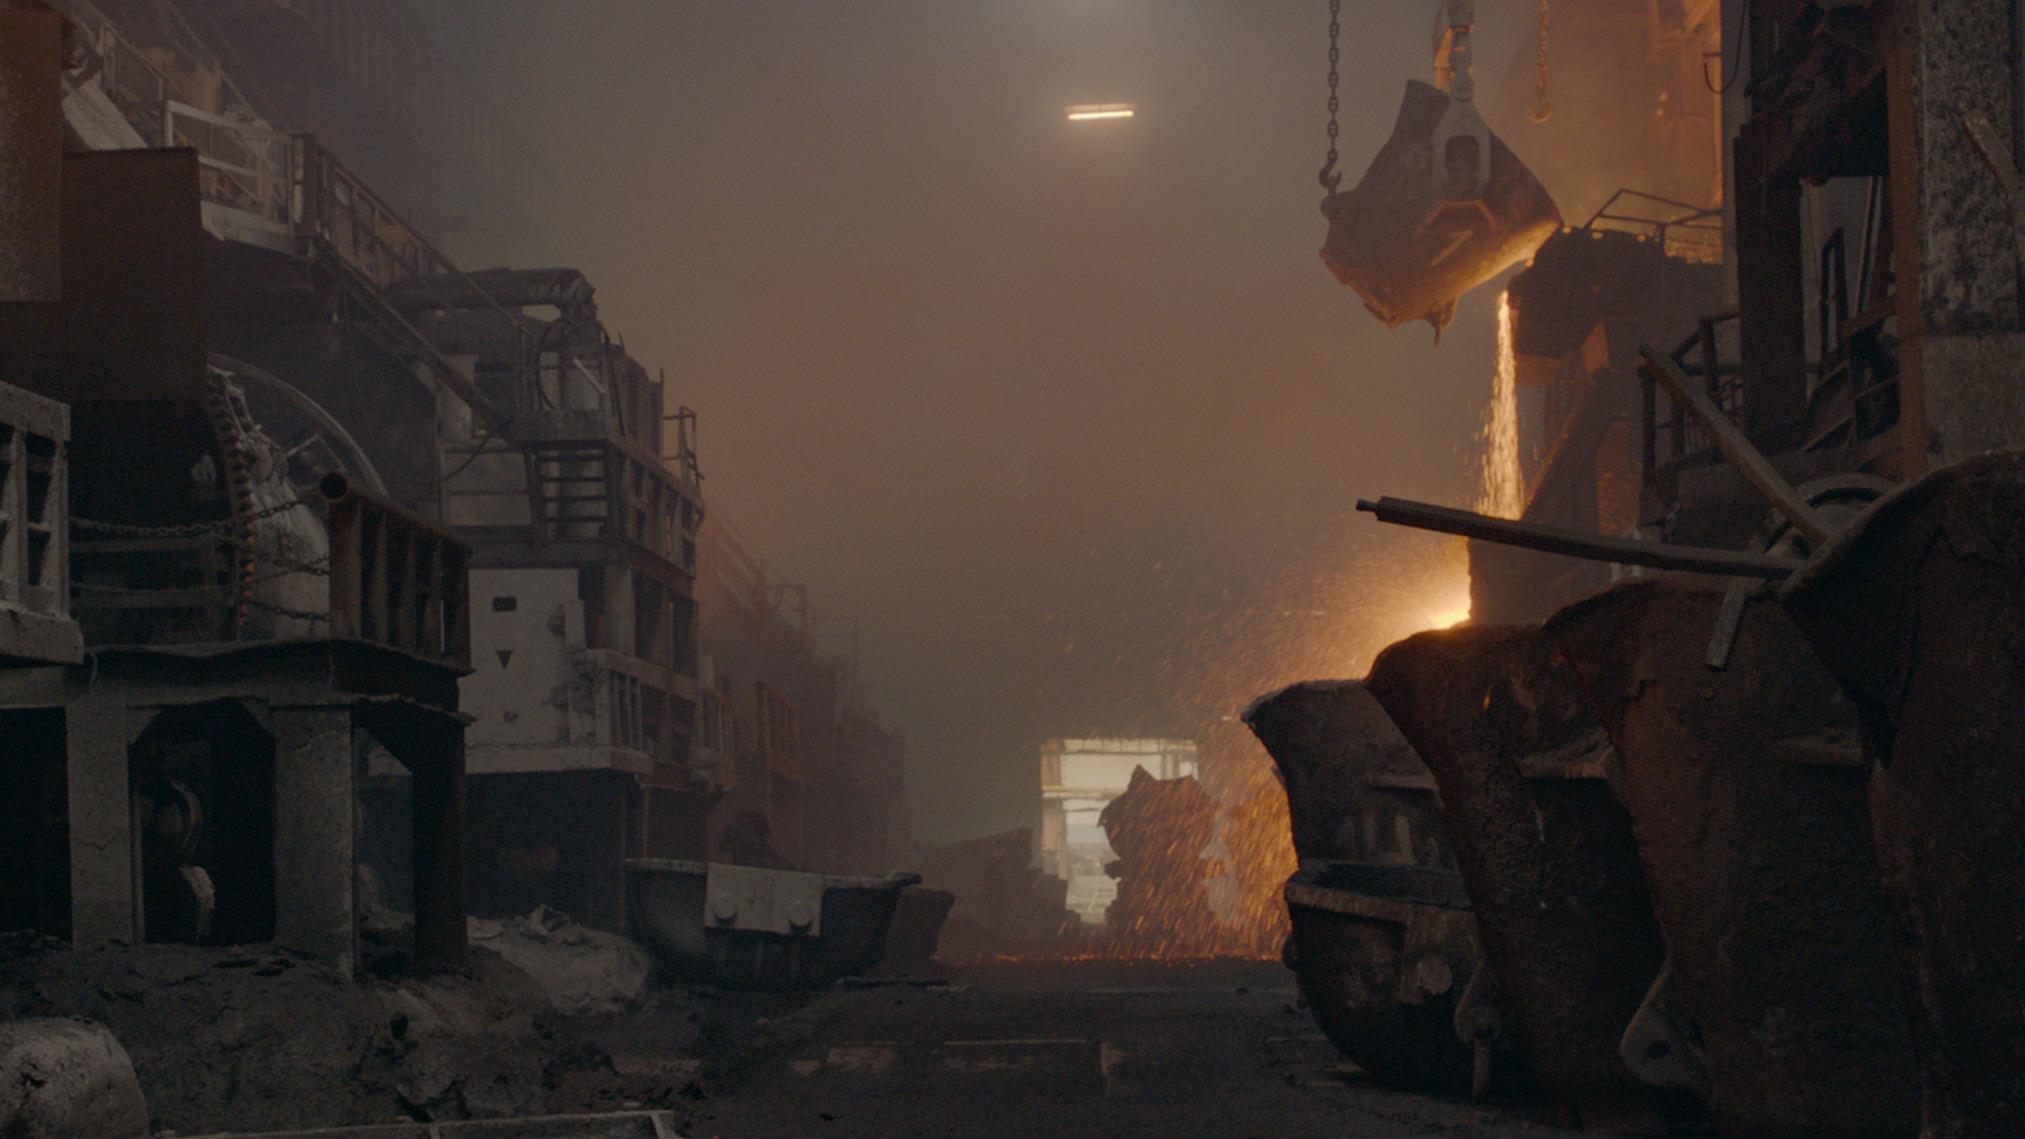 La fusione del metallo a Norilsk. Film still